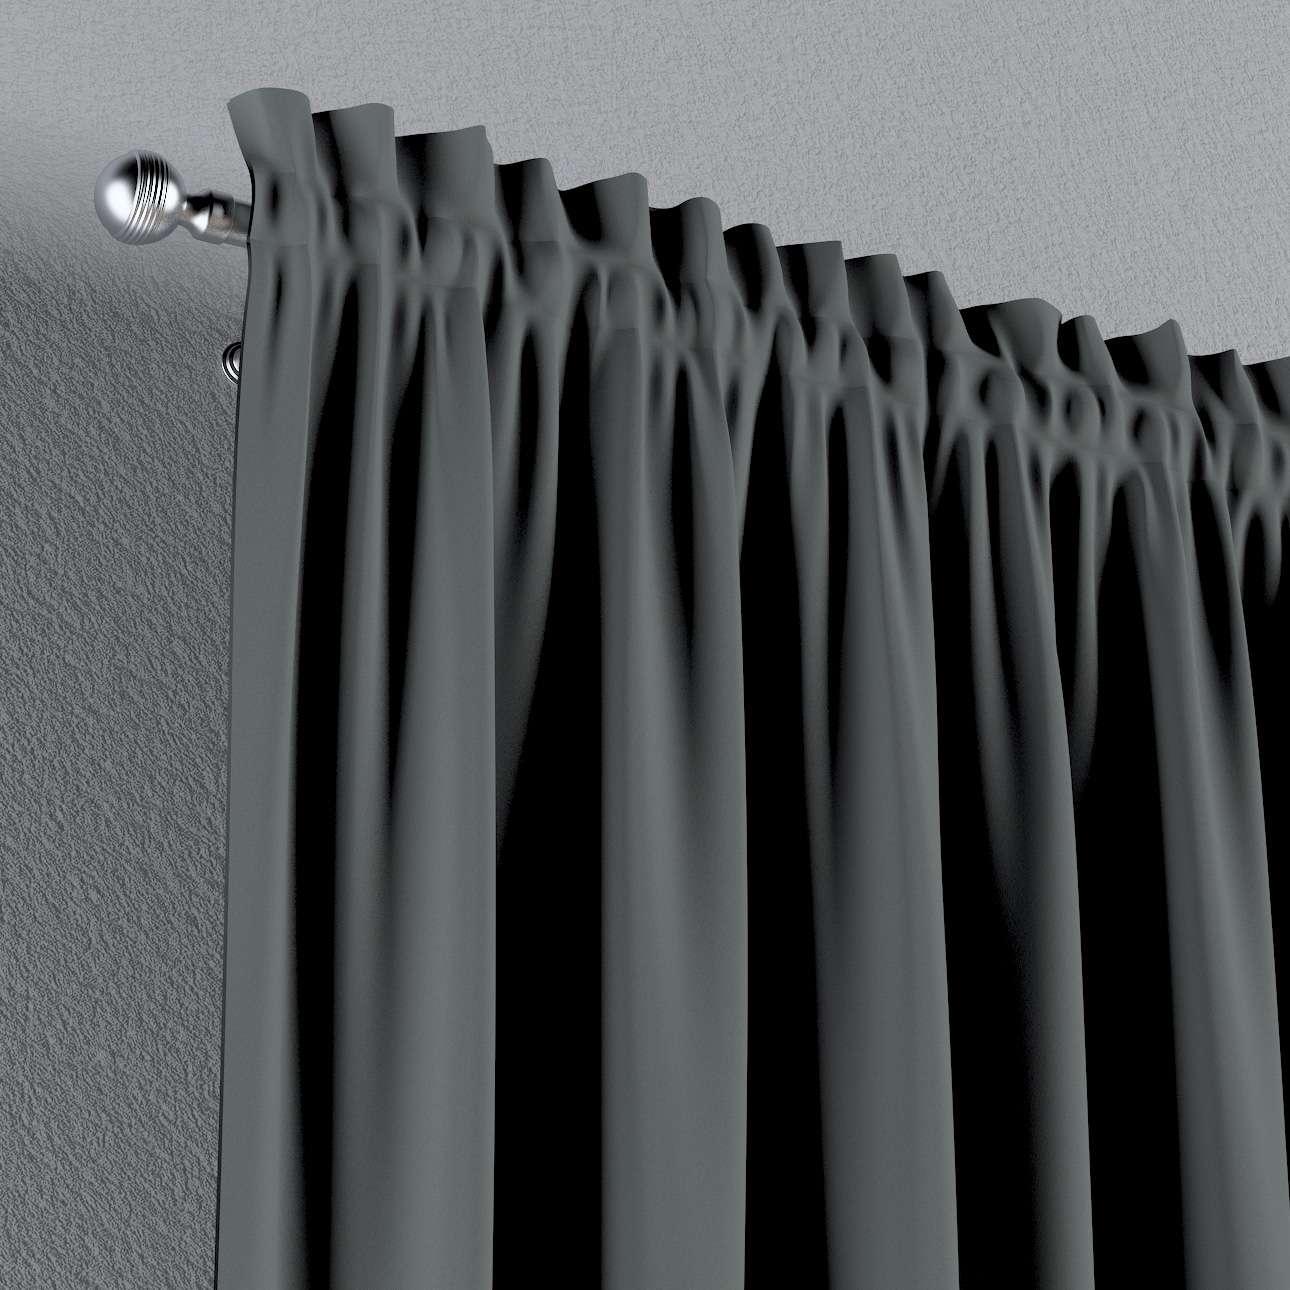 Zasłona zaciemniająca na kanale z grzywką 1 szt. w kolekcji Blackout 280, tkanina: 269-07